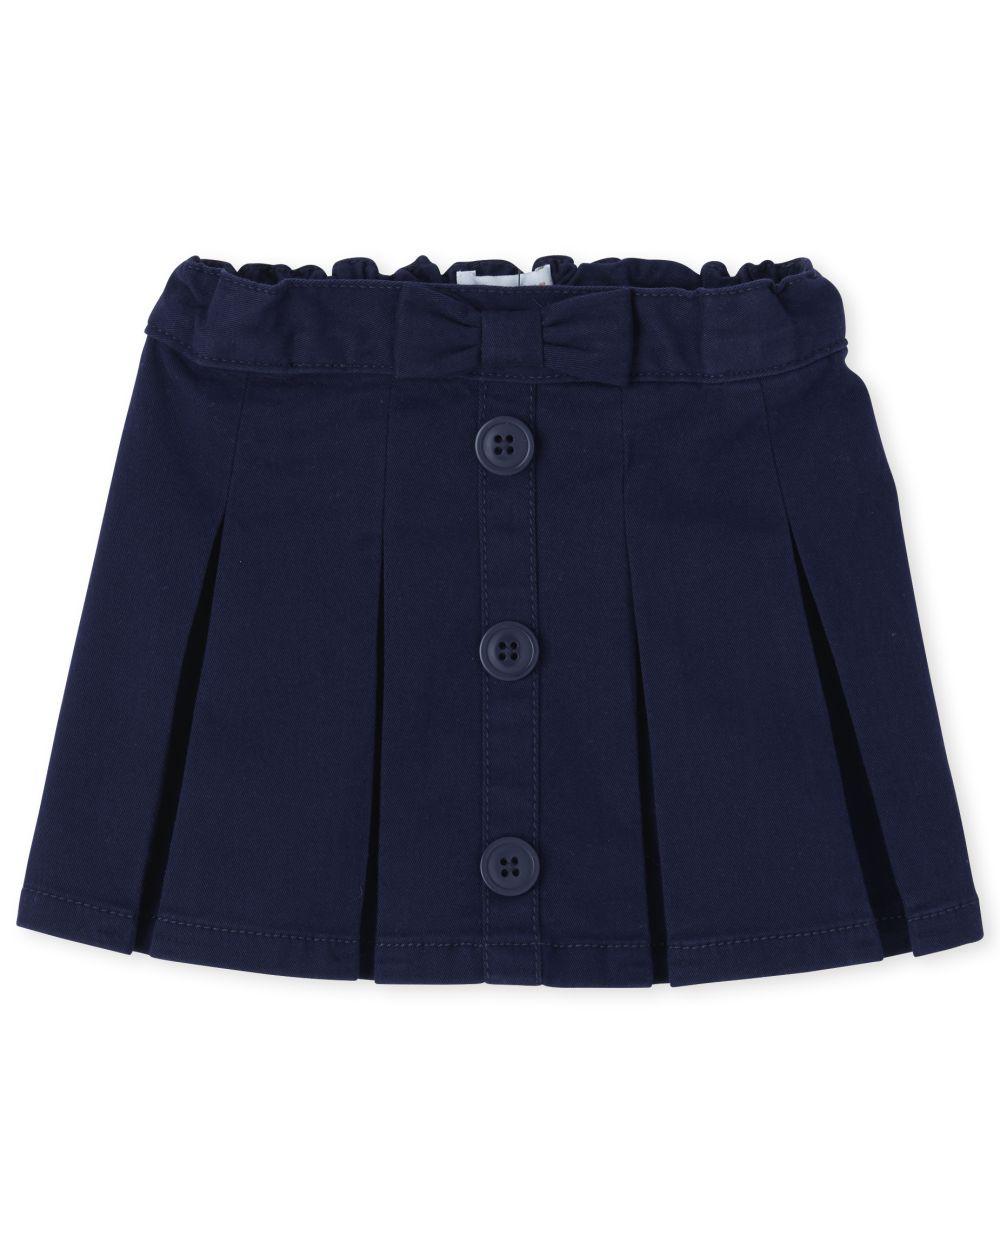 Toddler Girls Uniform Button Skort